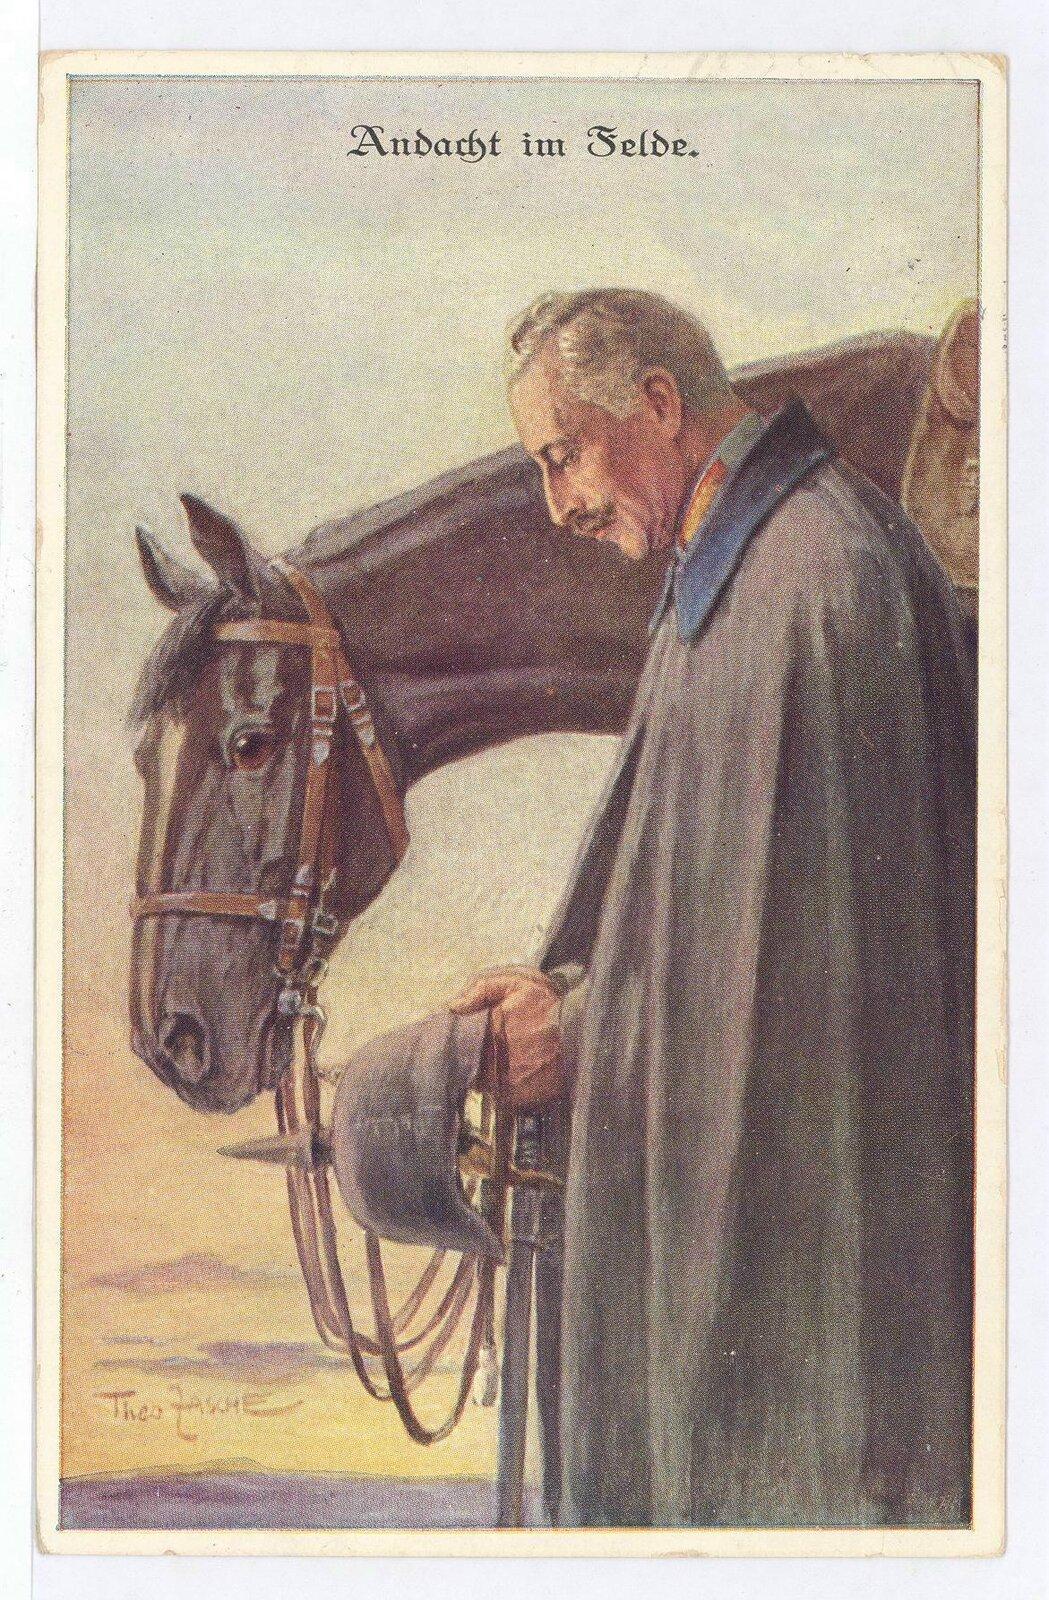 Modlitwa na polu Cesarz Wilhelm II na pocztówce propagandowej. Źródło: Theo Zasche, Modlitwa na polu, 1916, domena publiczna.